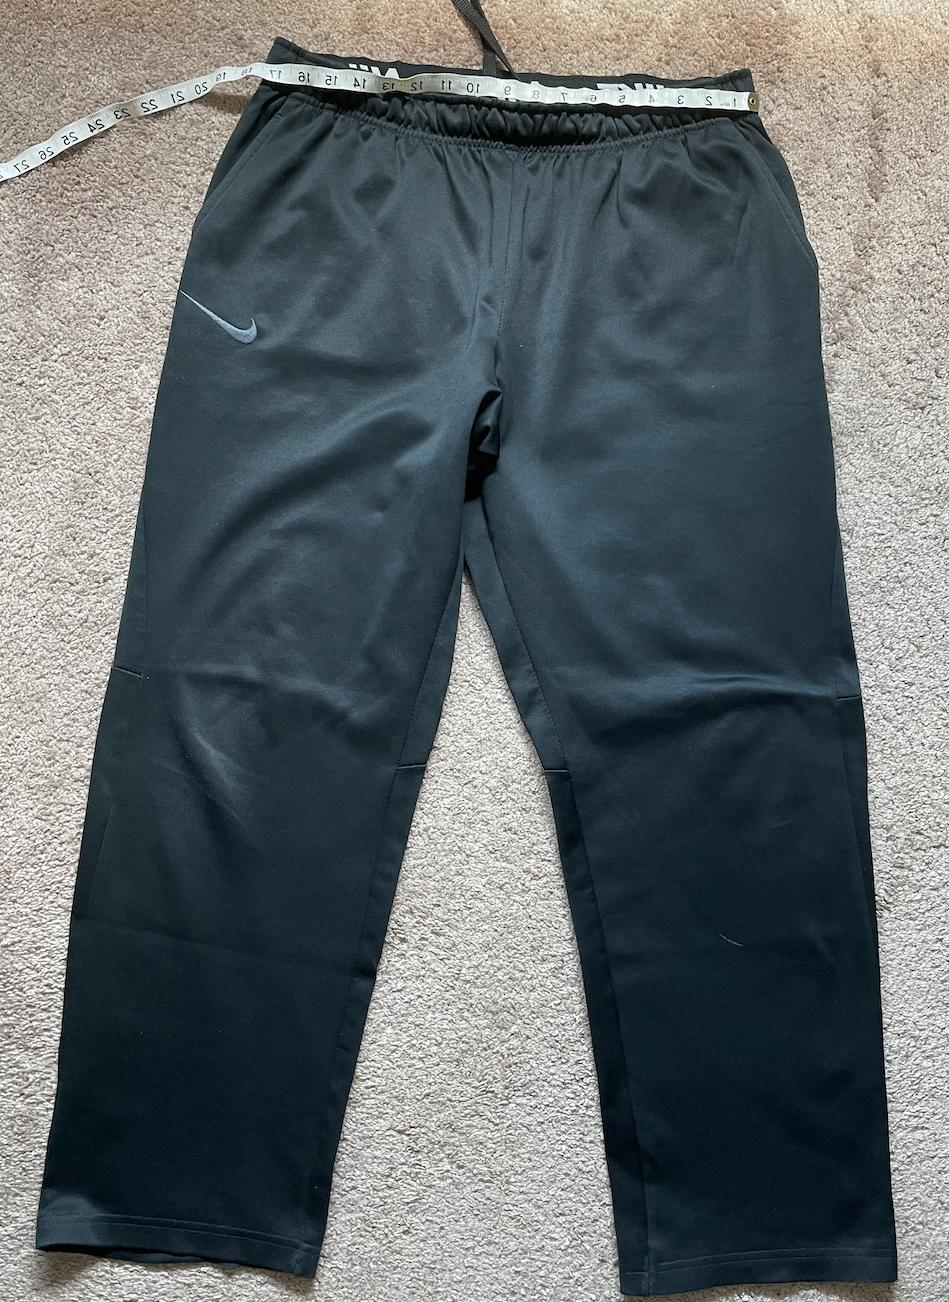 NIKE MEN'S XL SWEATPANTS BLACK